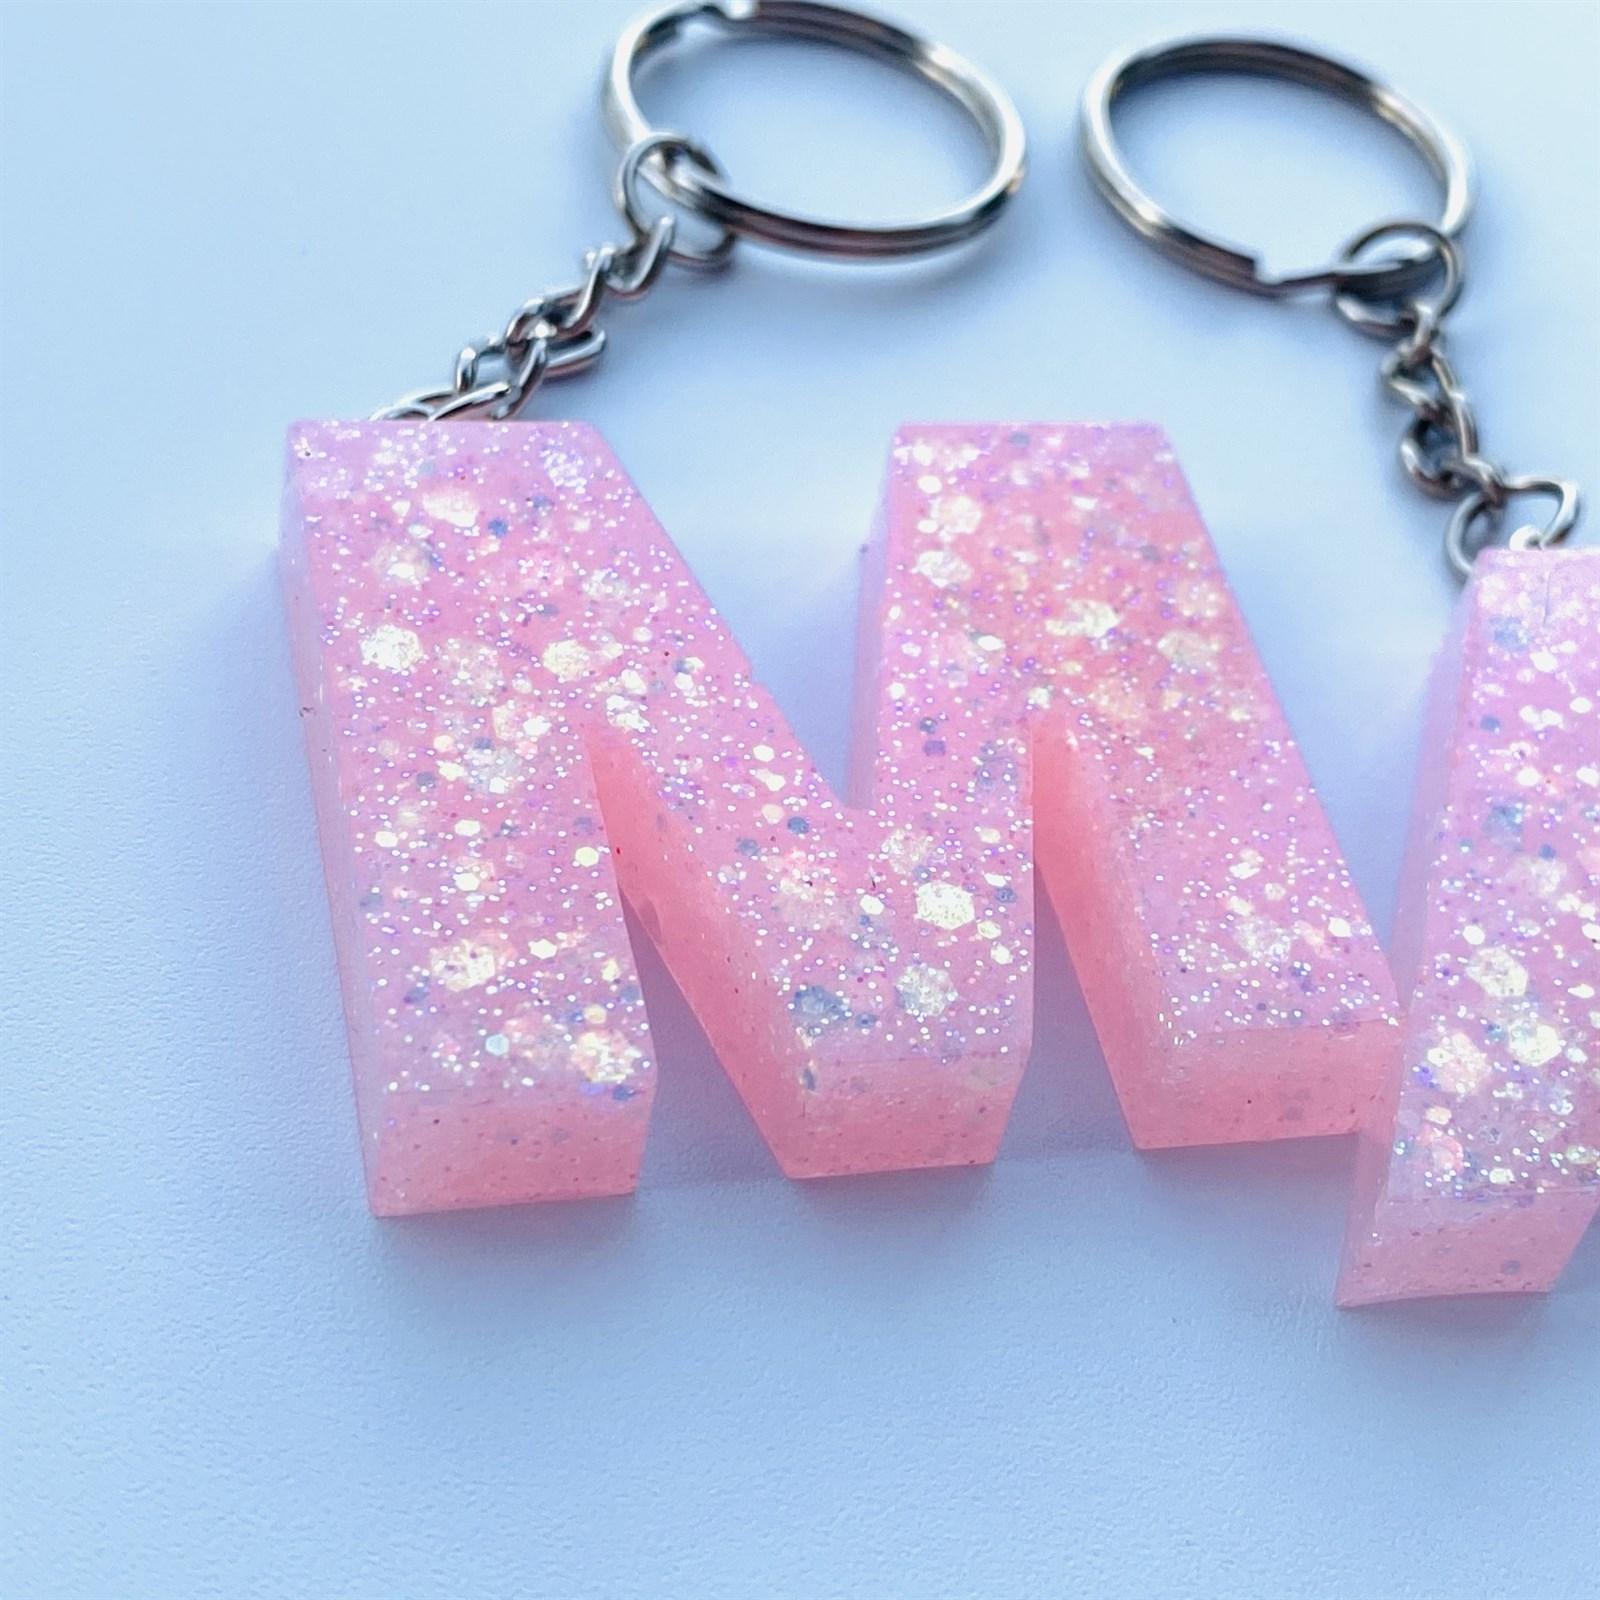 Pink sparkle keychain